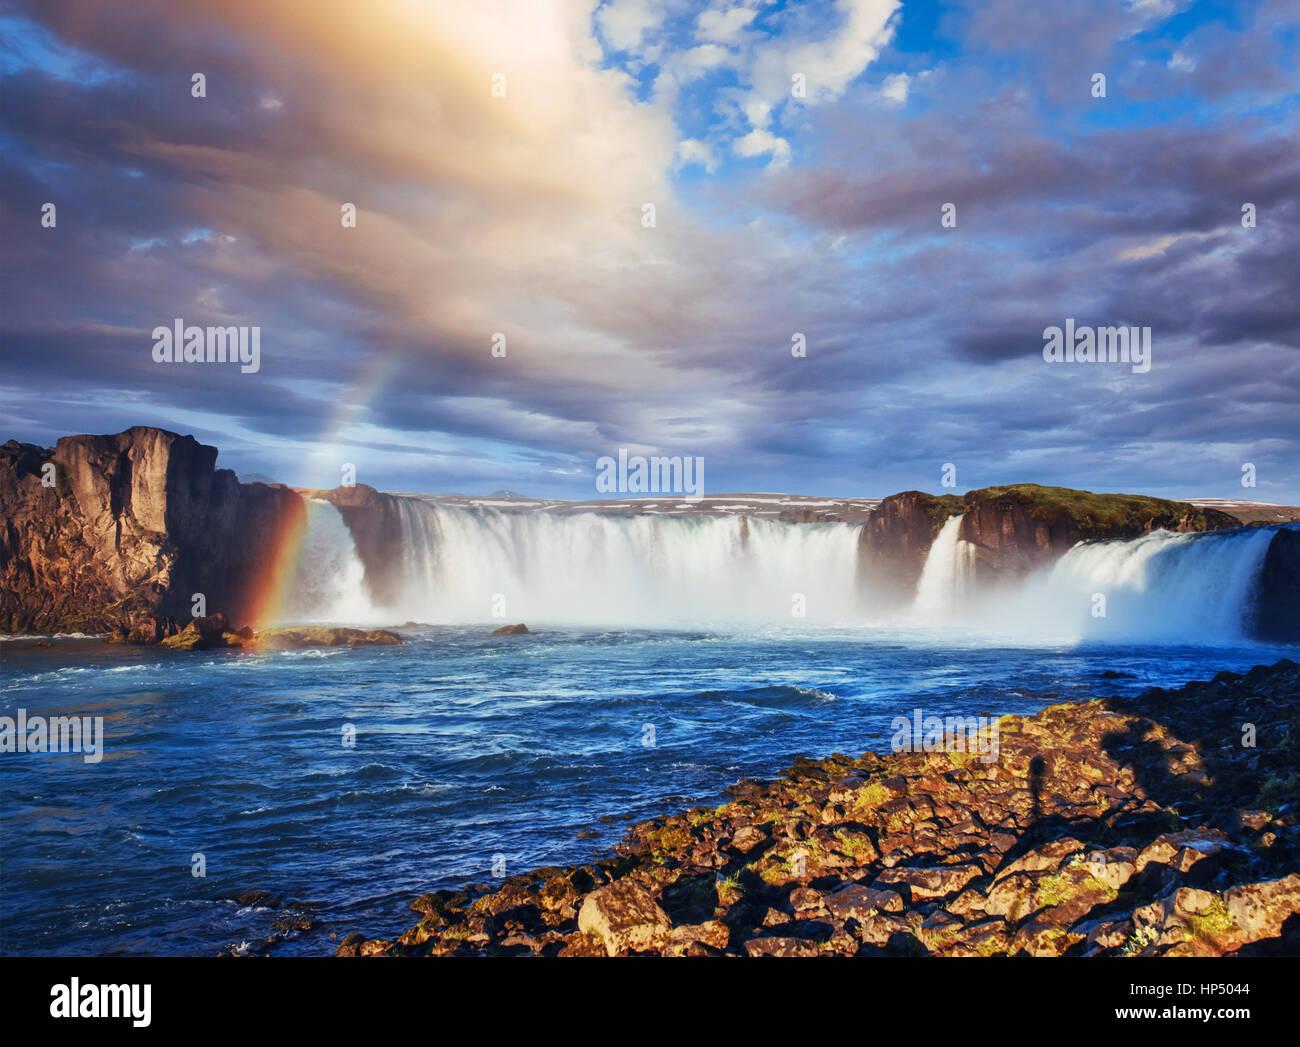 Cascate Godafoss al tramonto. Bellezza Mondo. L'Islanda, Europa Immagini Stock